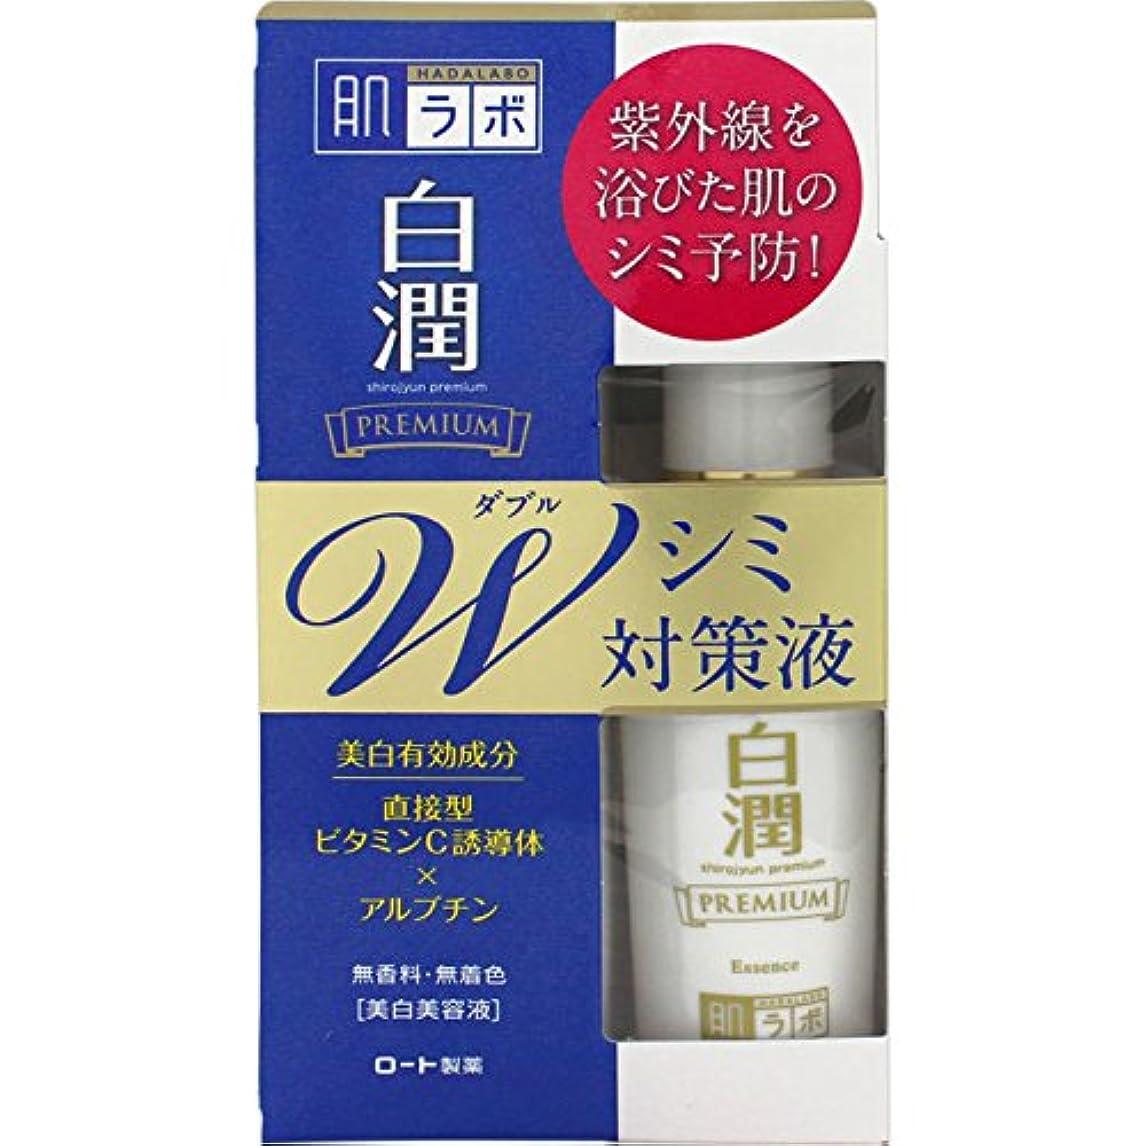 正確さ女性する【医薬部外品】肌ラボ 白潤 プレミアムW美白美容液 シミ予防 美白有効成分高純度ビタミンC×アルブチン配合 40mL